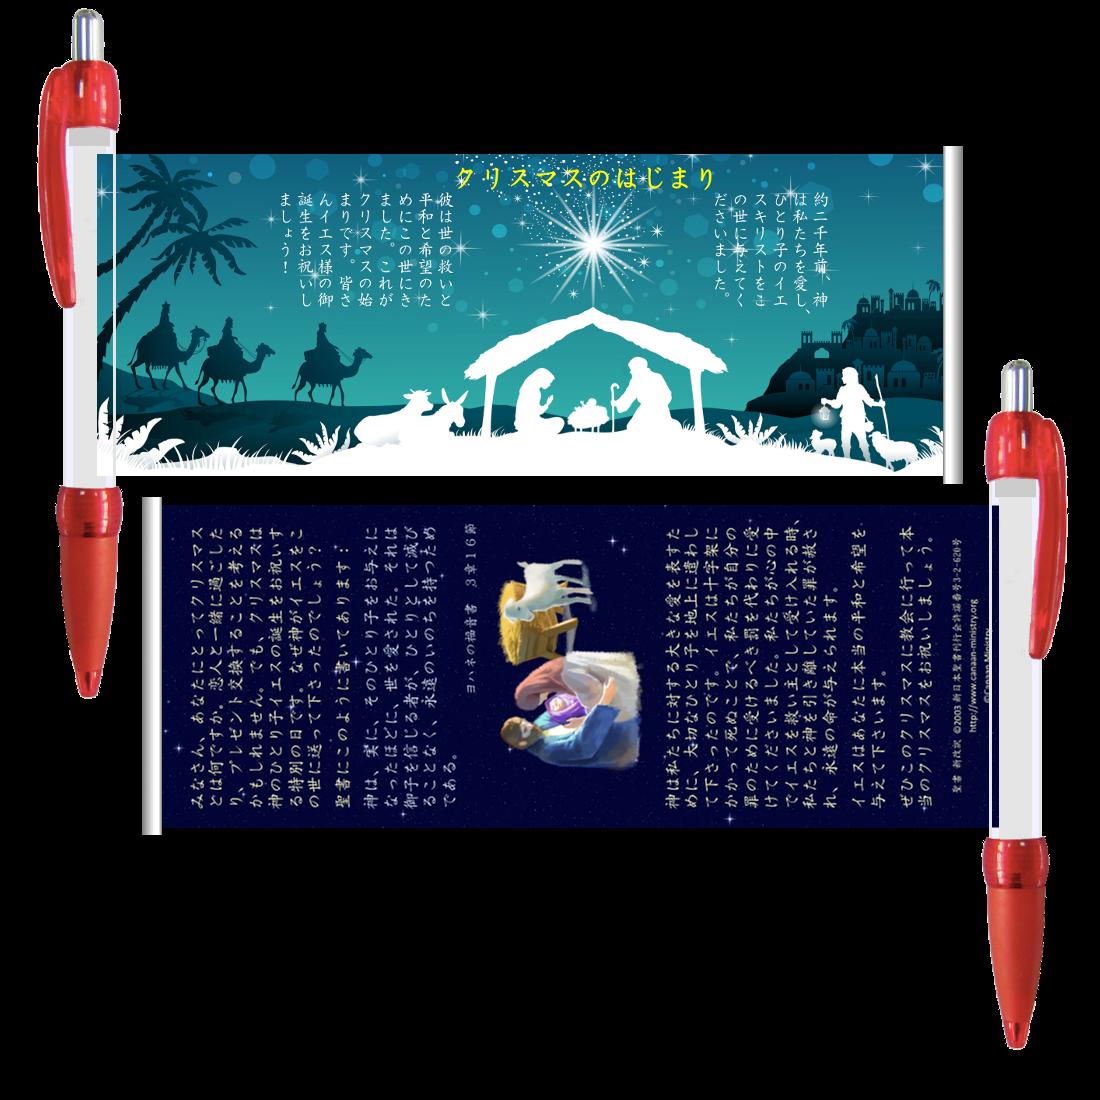 伝道商品 クリスマスのはじまりのトラクトペン